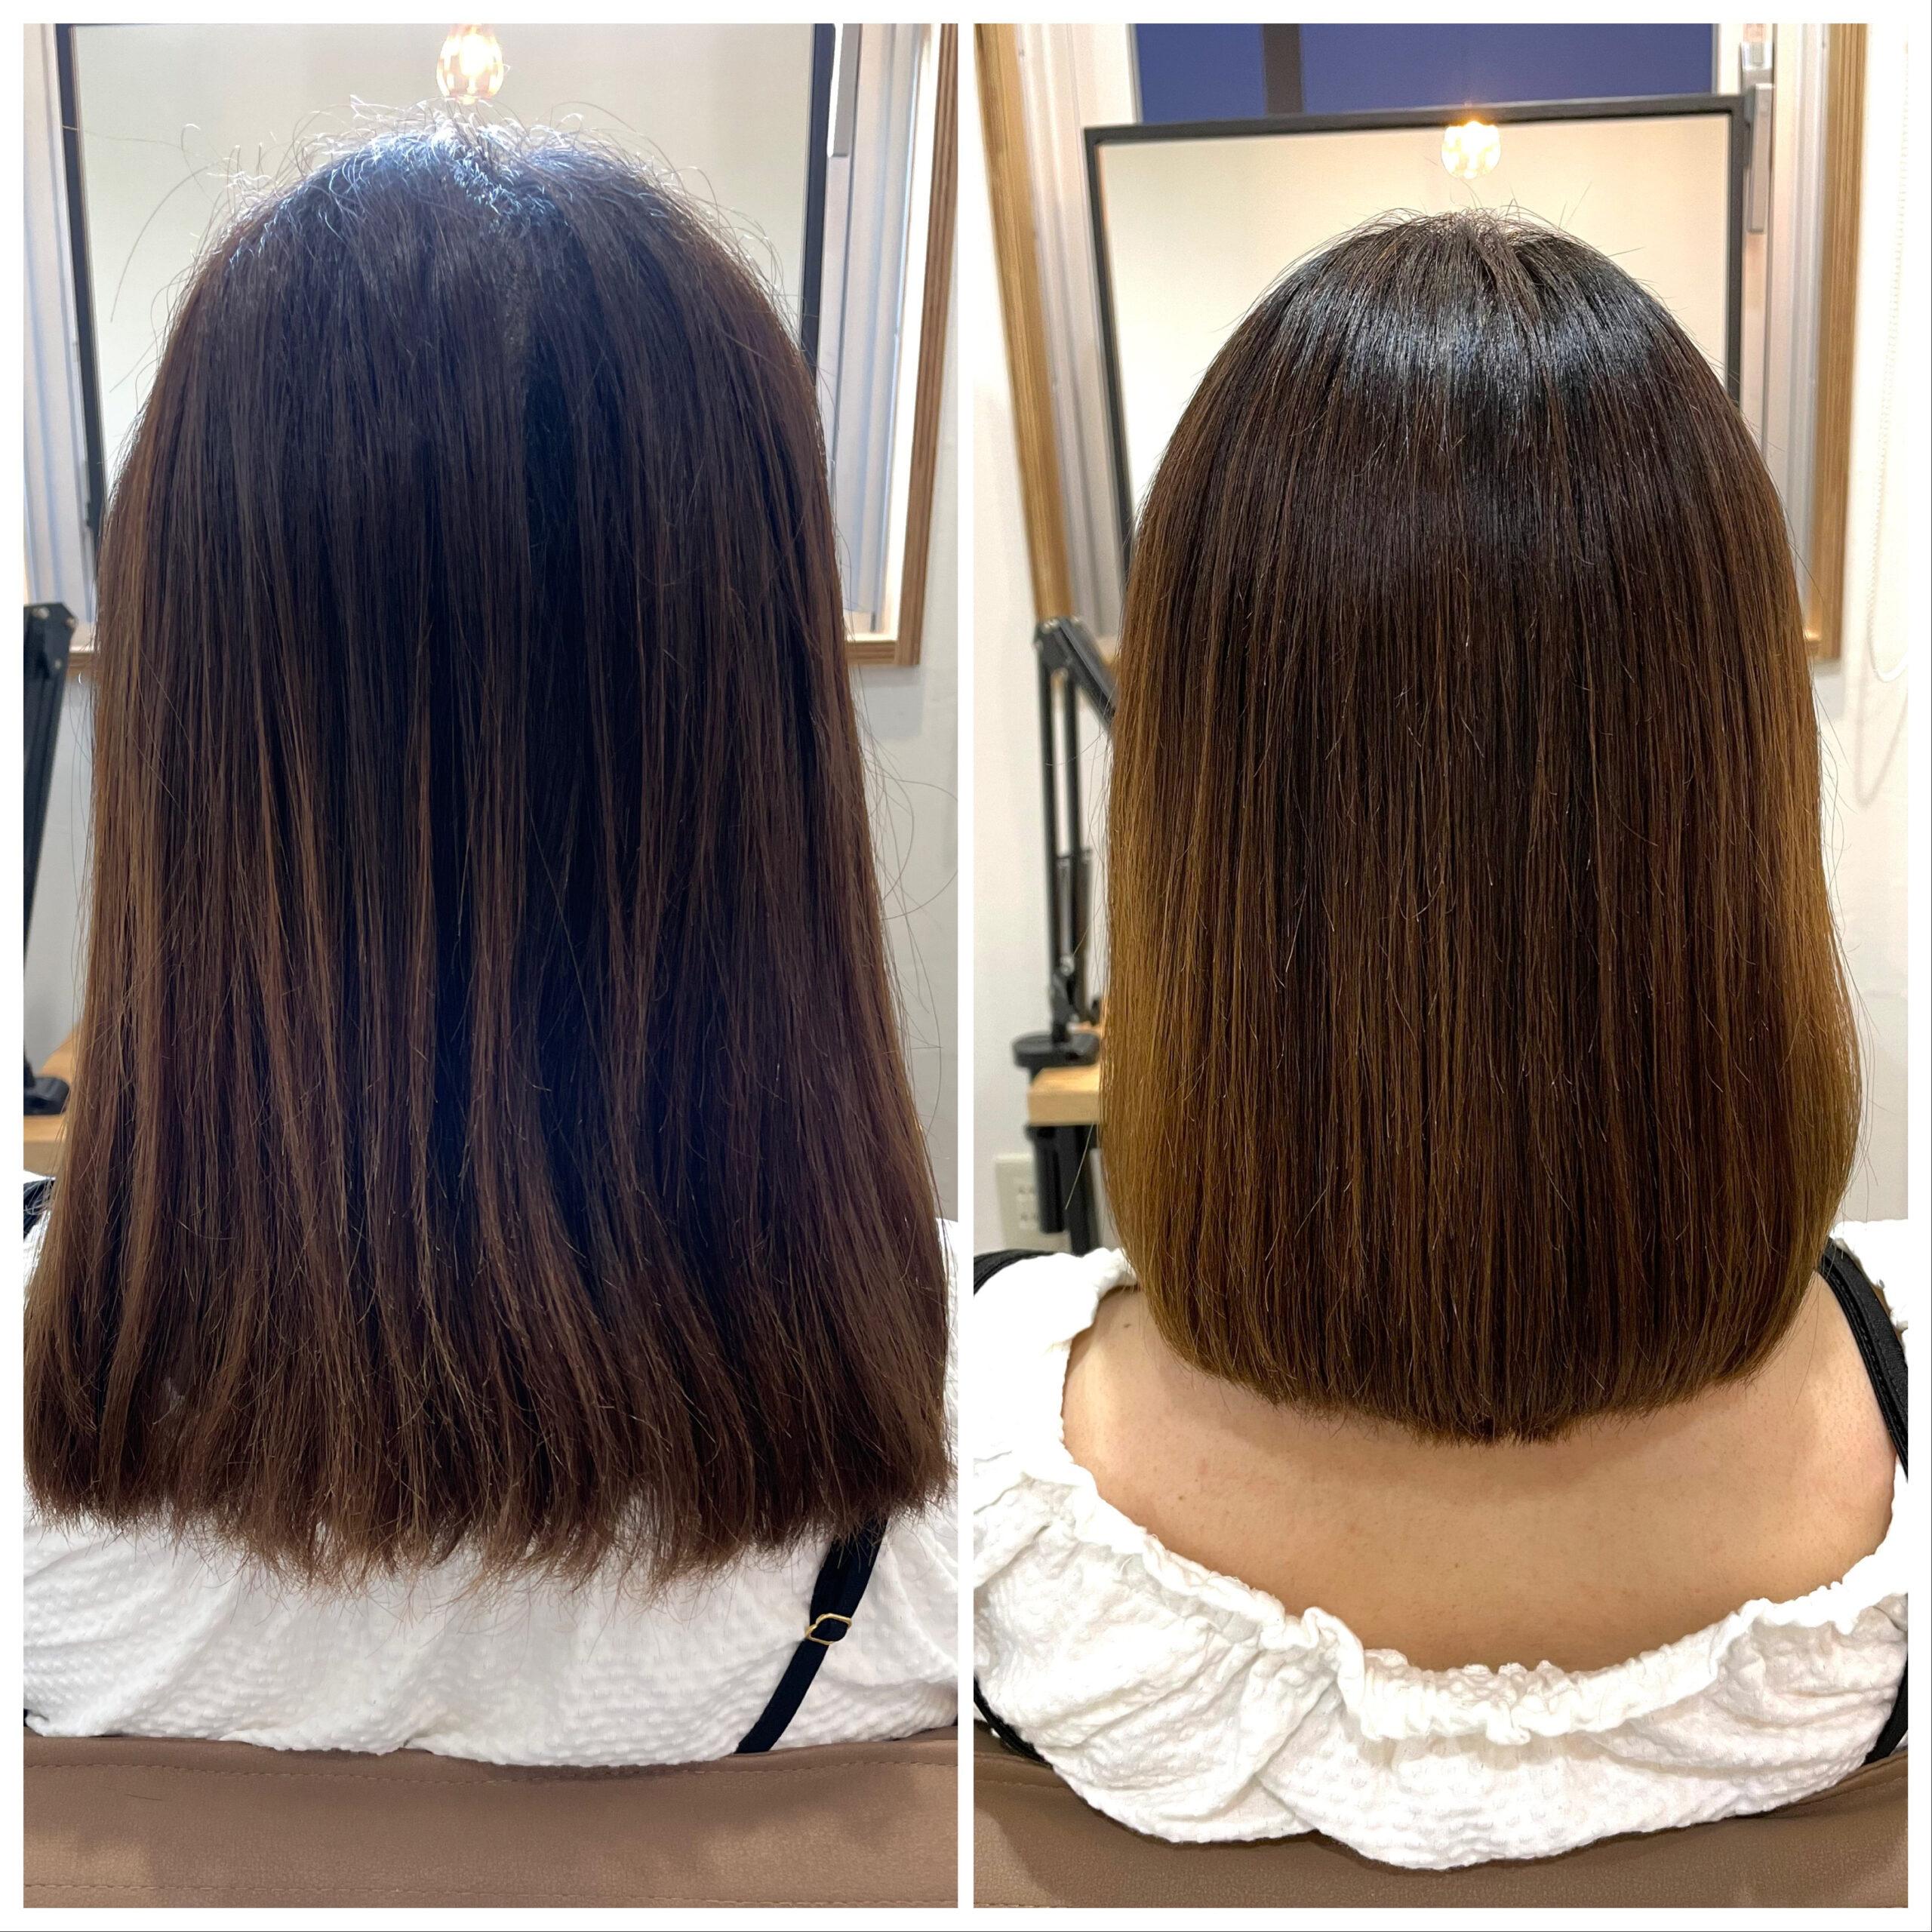 大分県別府市 弱酸性の縮毛矯正でハイダメージ毛も綺麗なストレートに ビフォーアフター